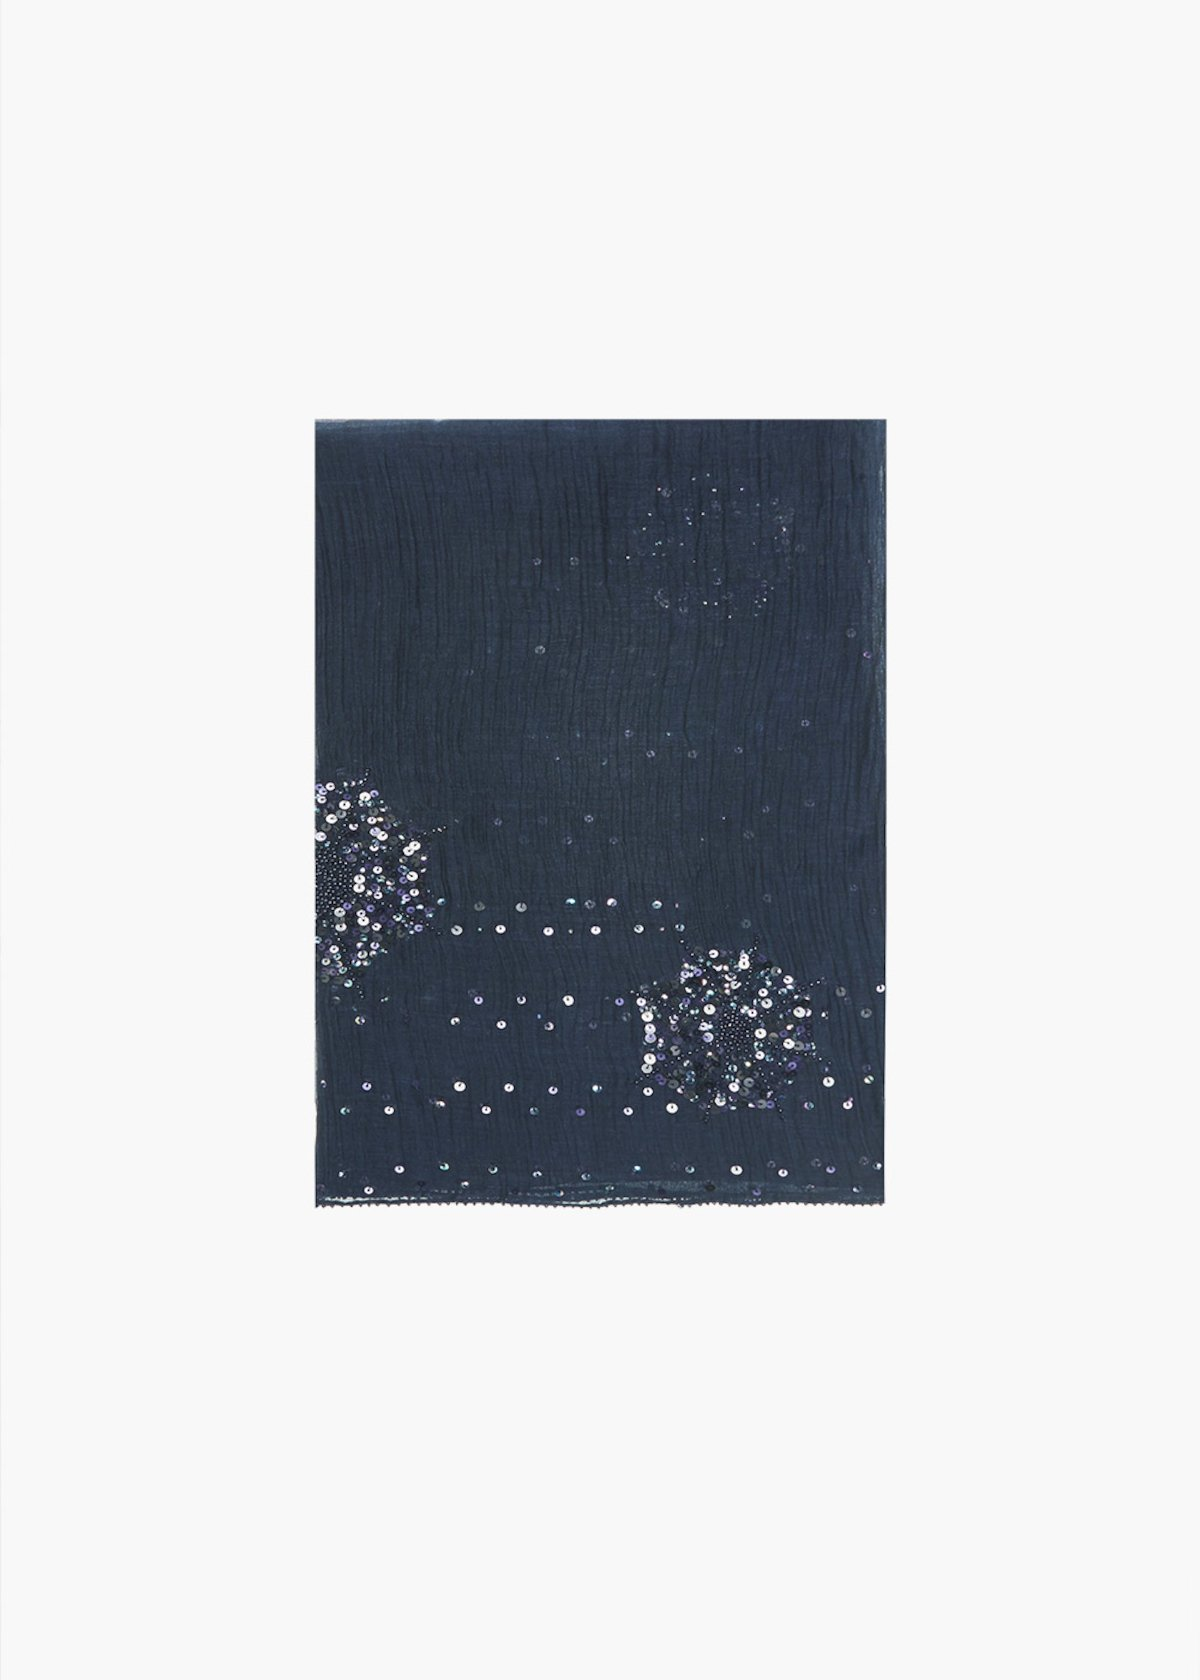 Sciarpa Spiry in seta e cotone con dettaglio paillettes - Blue / Mineral - Donna - Immagine categoria